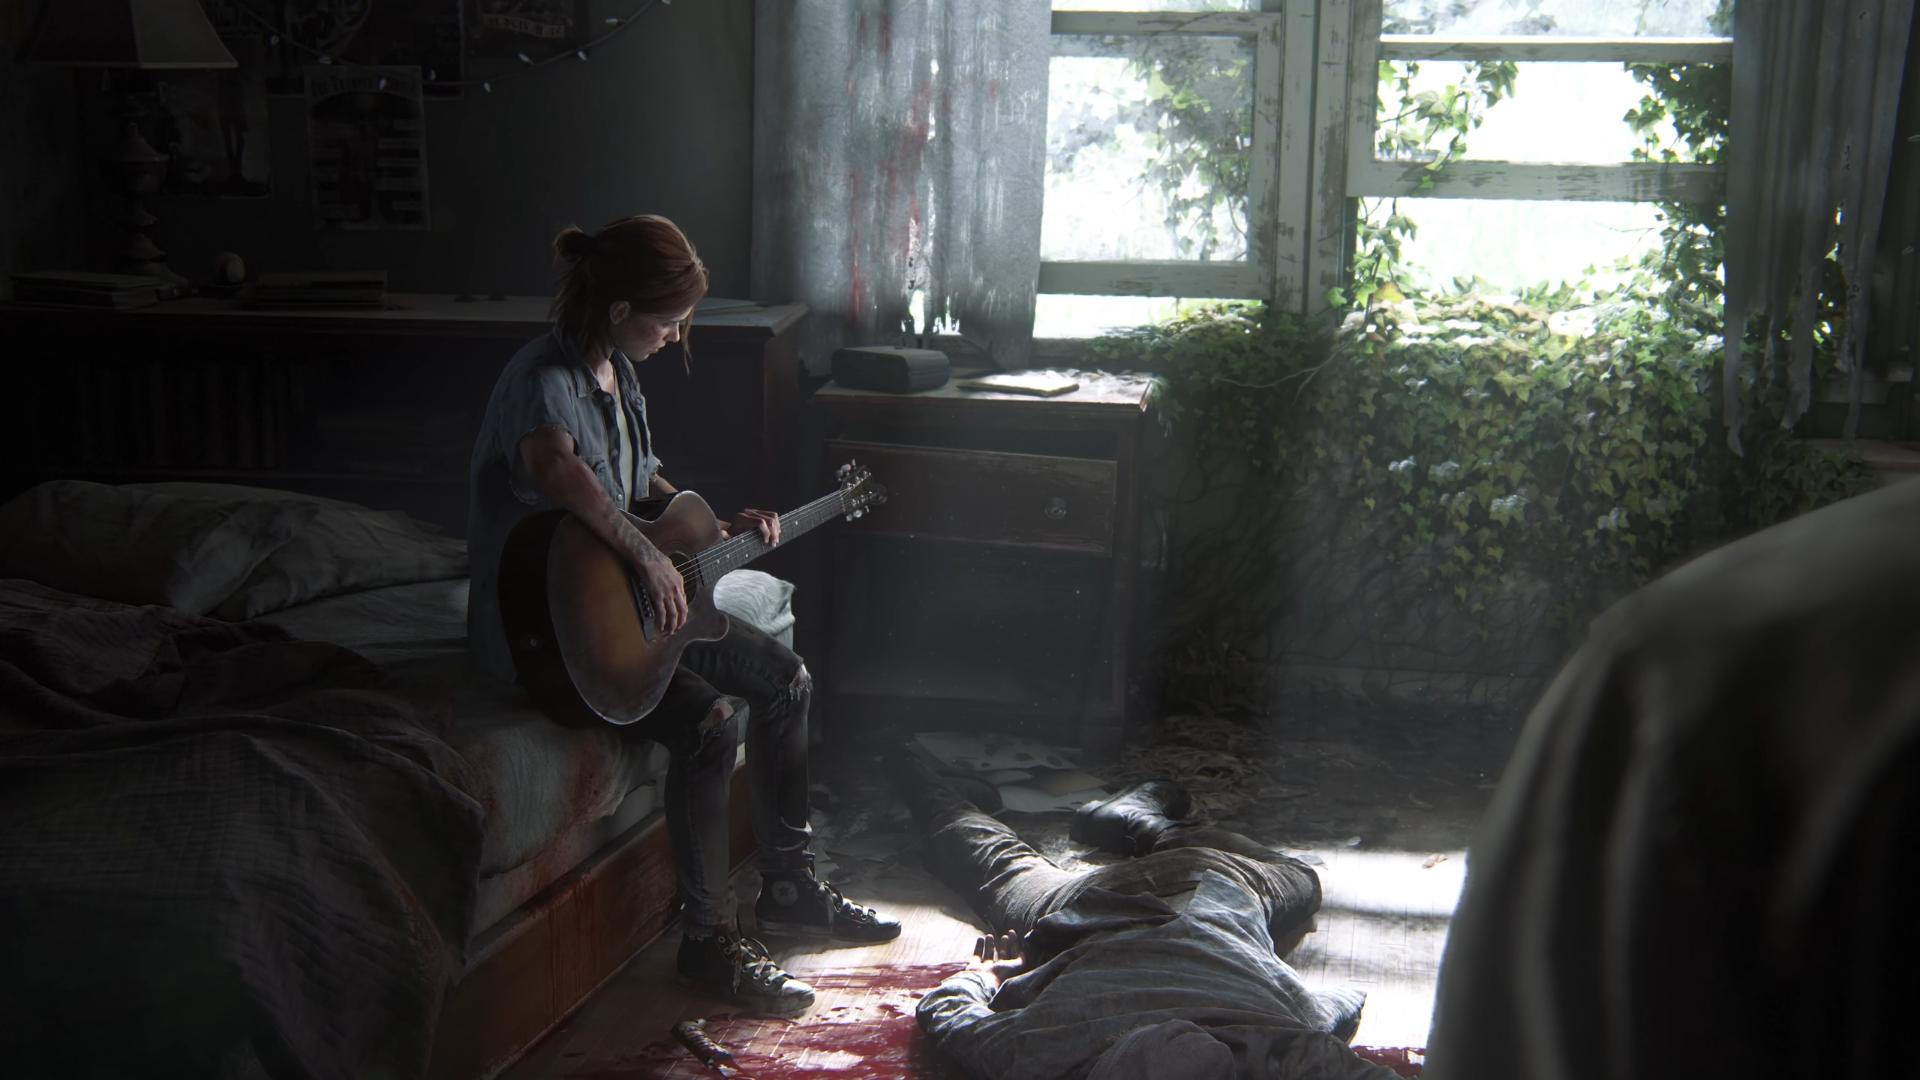 Jestem bardzo rozczarowany - The Last of Us Part II ponownie przesunięte 20